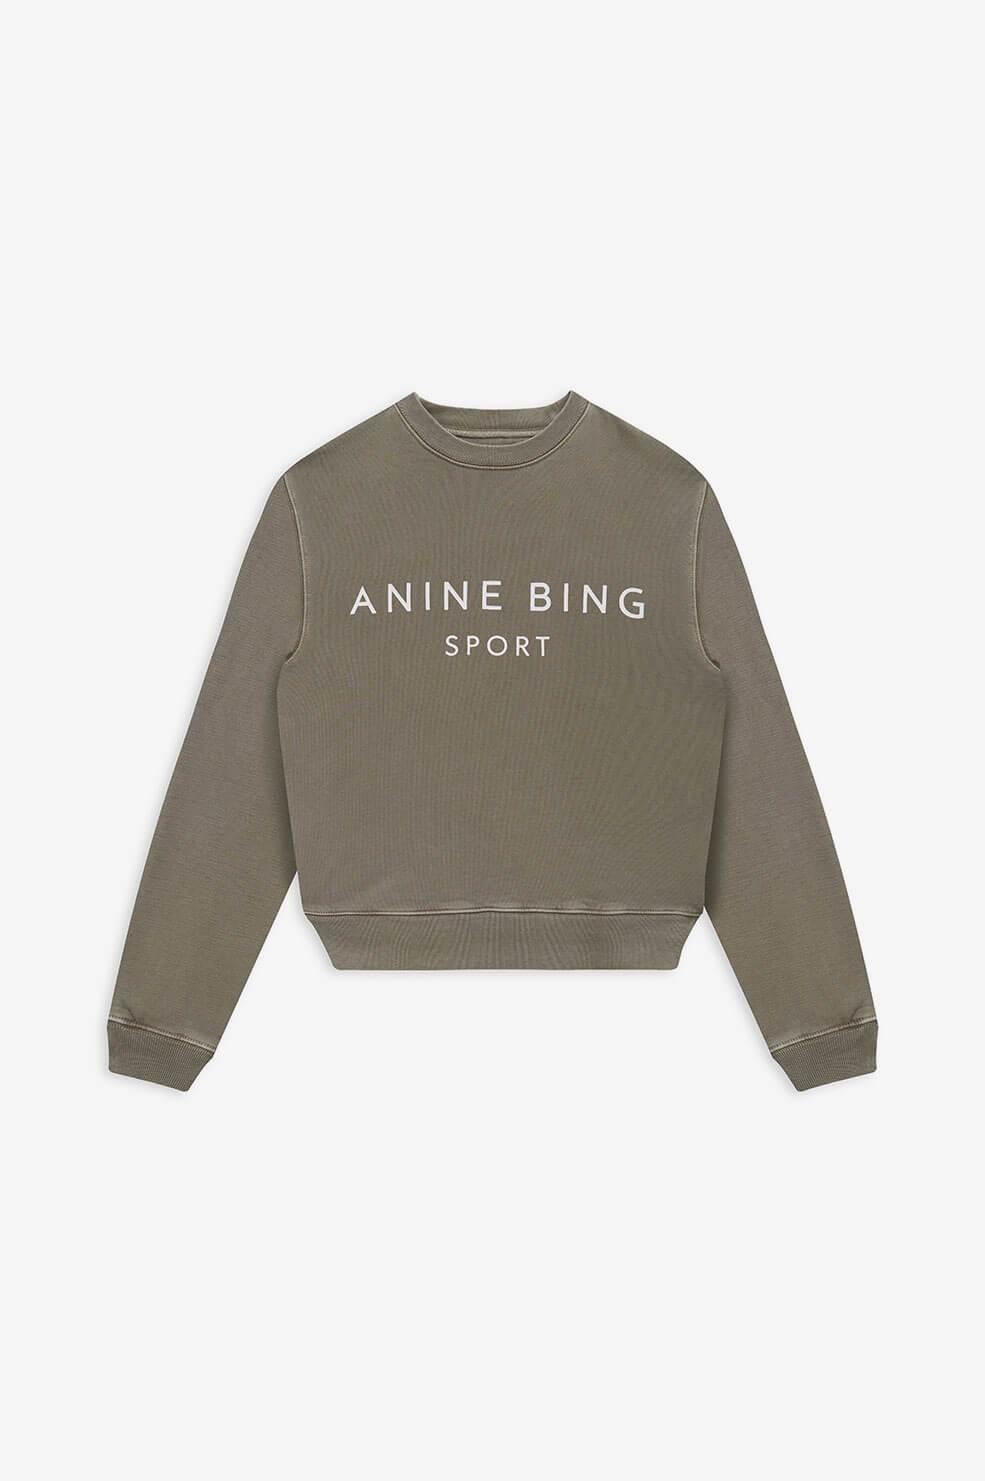 Anine Bing trui Evan S-08-5188-310 groen